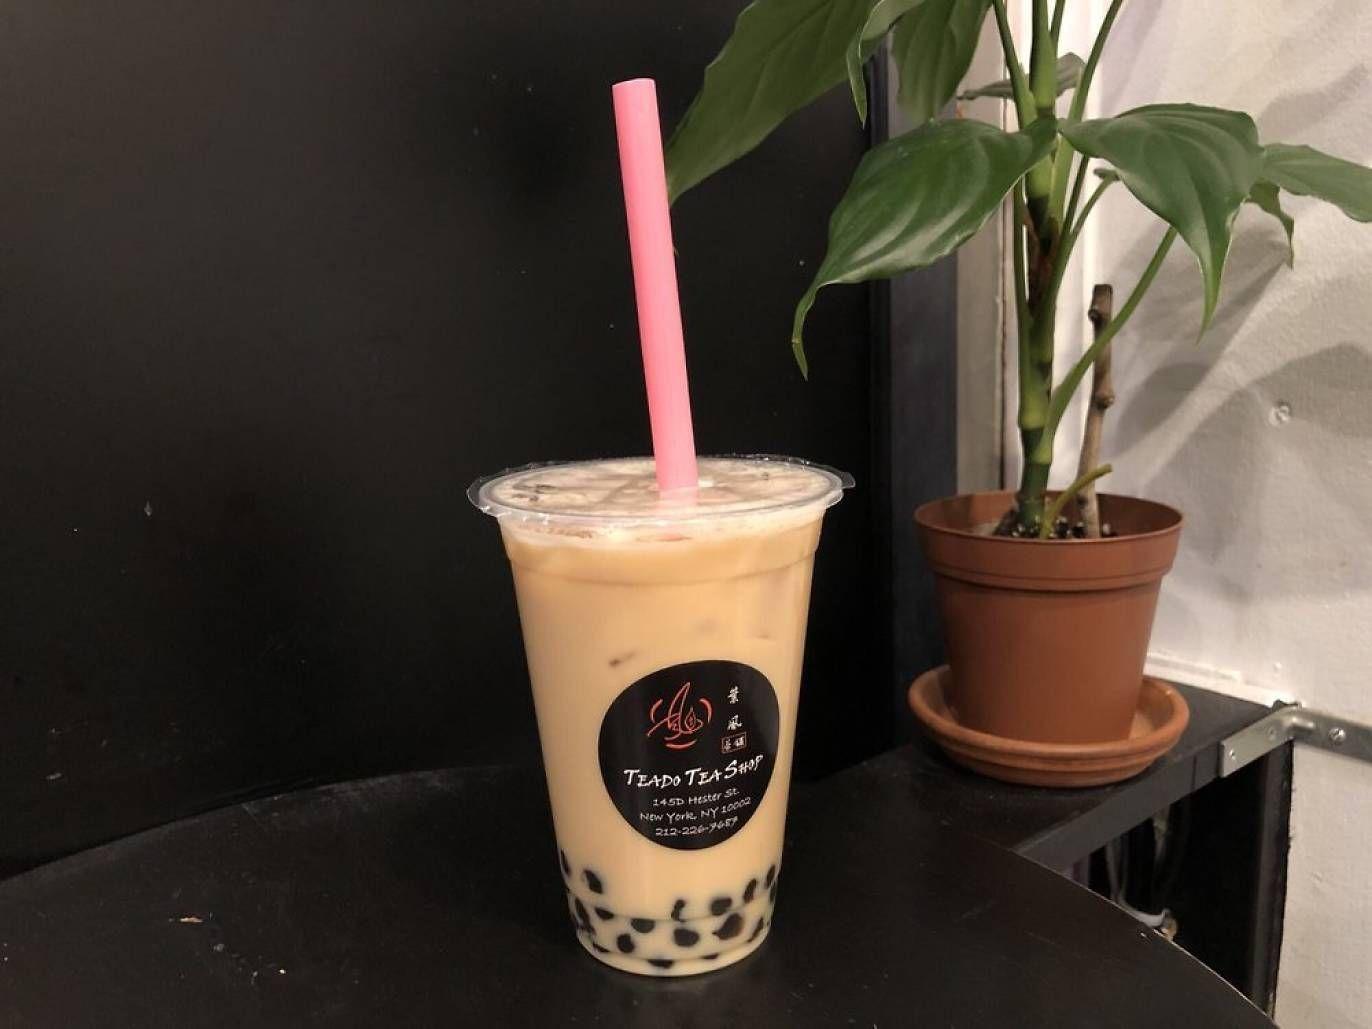 The Best Bubble Tea Spots In Nyc Bubble Tea Bubble Tea Flavors Bubble Tea Shop